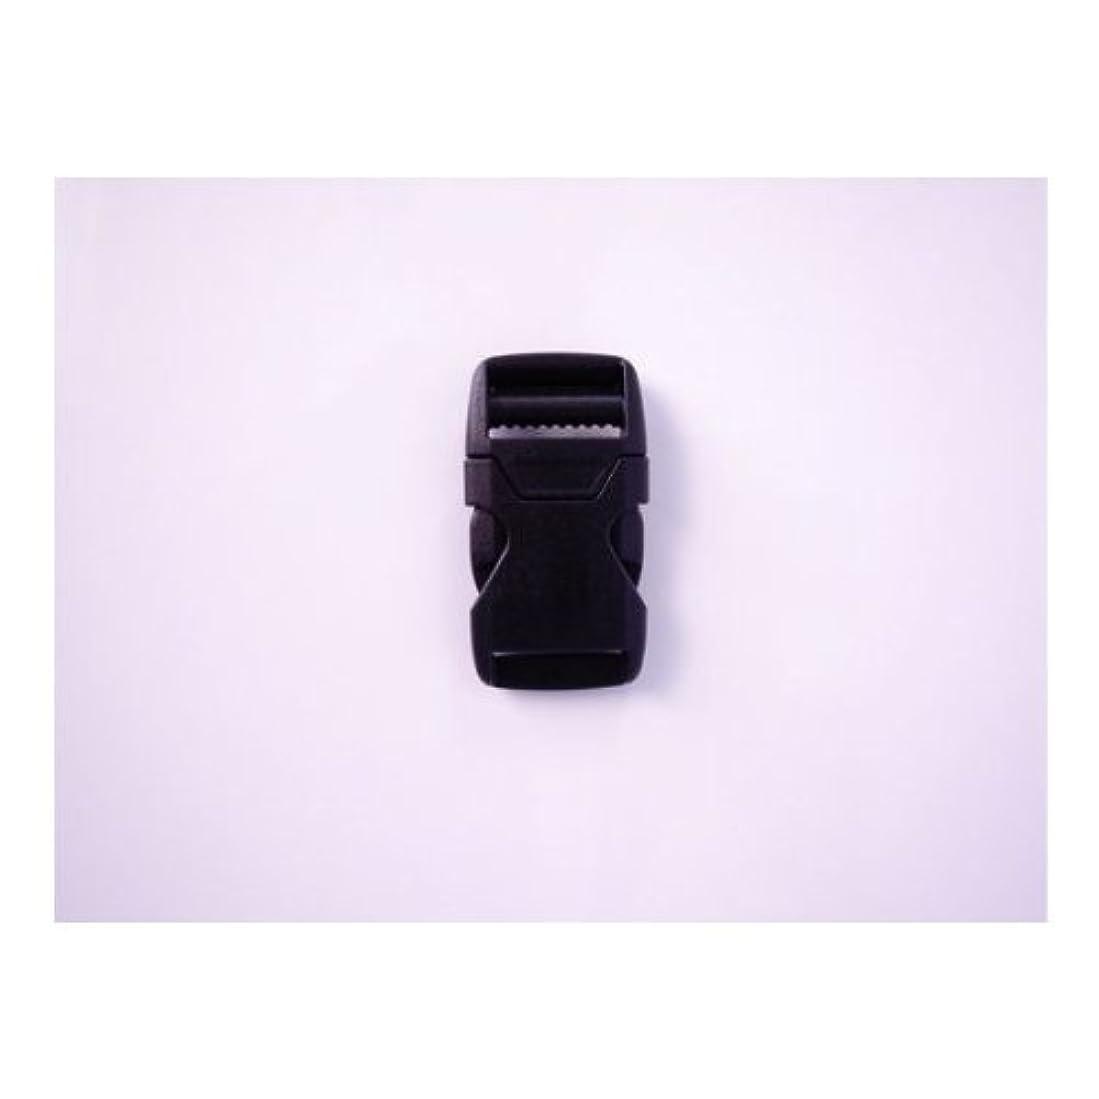 接ぎ木バトル憂鬱なYKK LB30S プラスチック バックル 黒 30mm巾用 ベルトの長さ調節などに